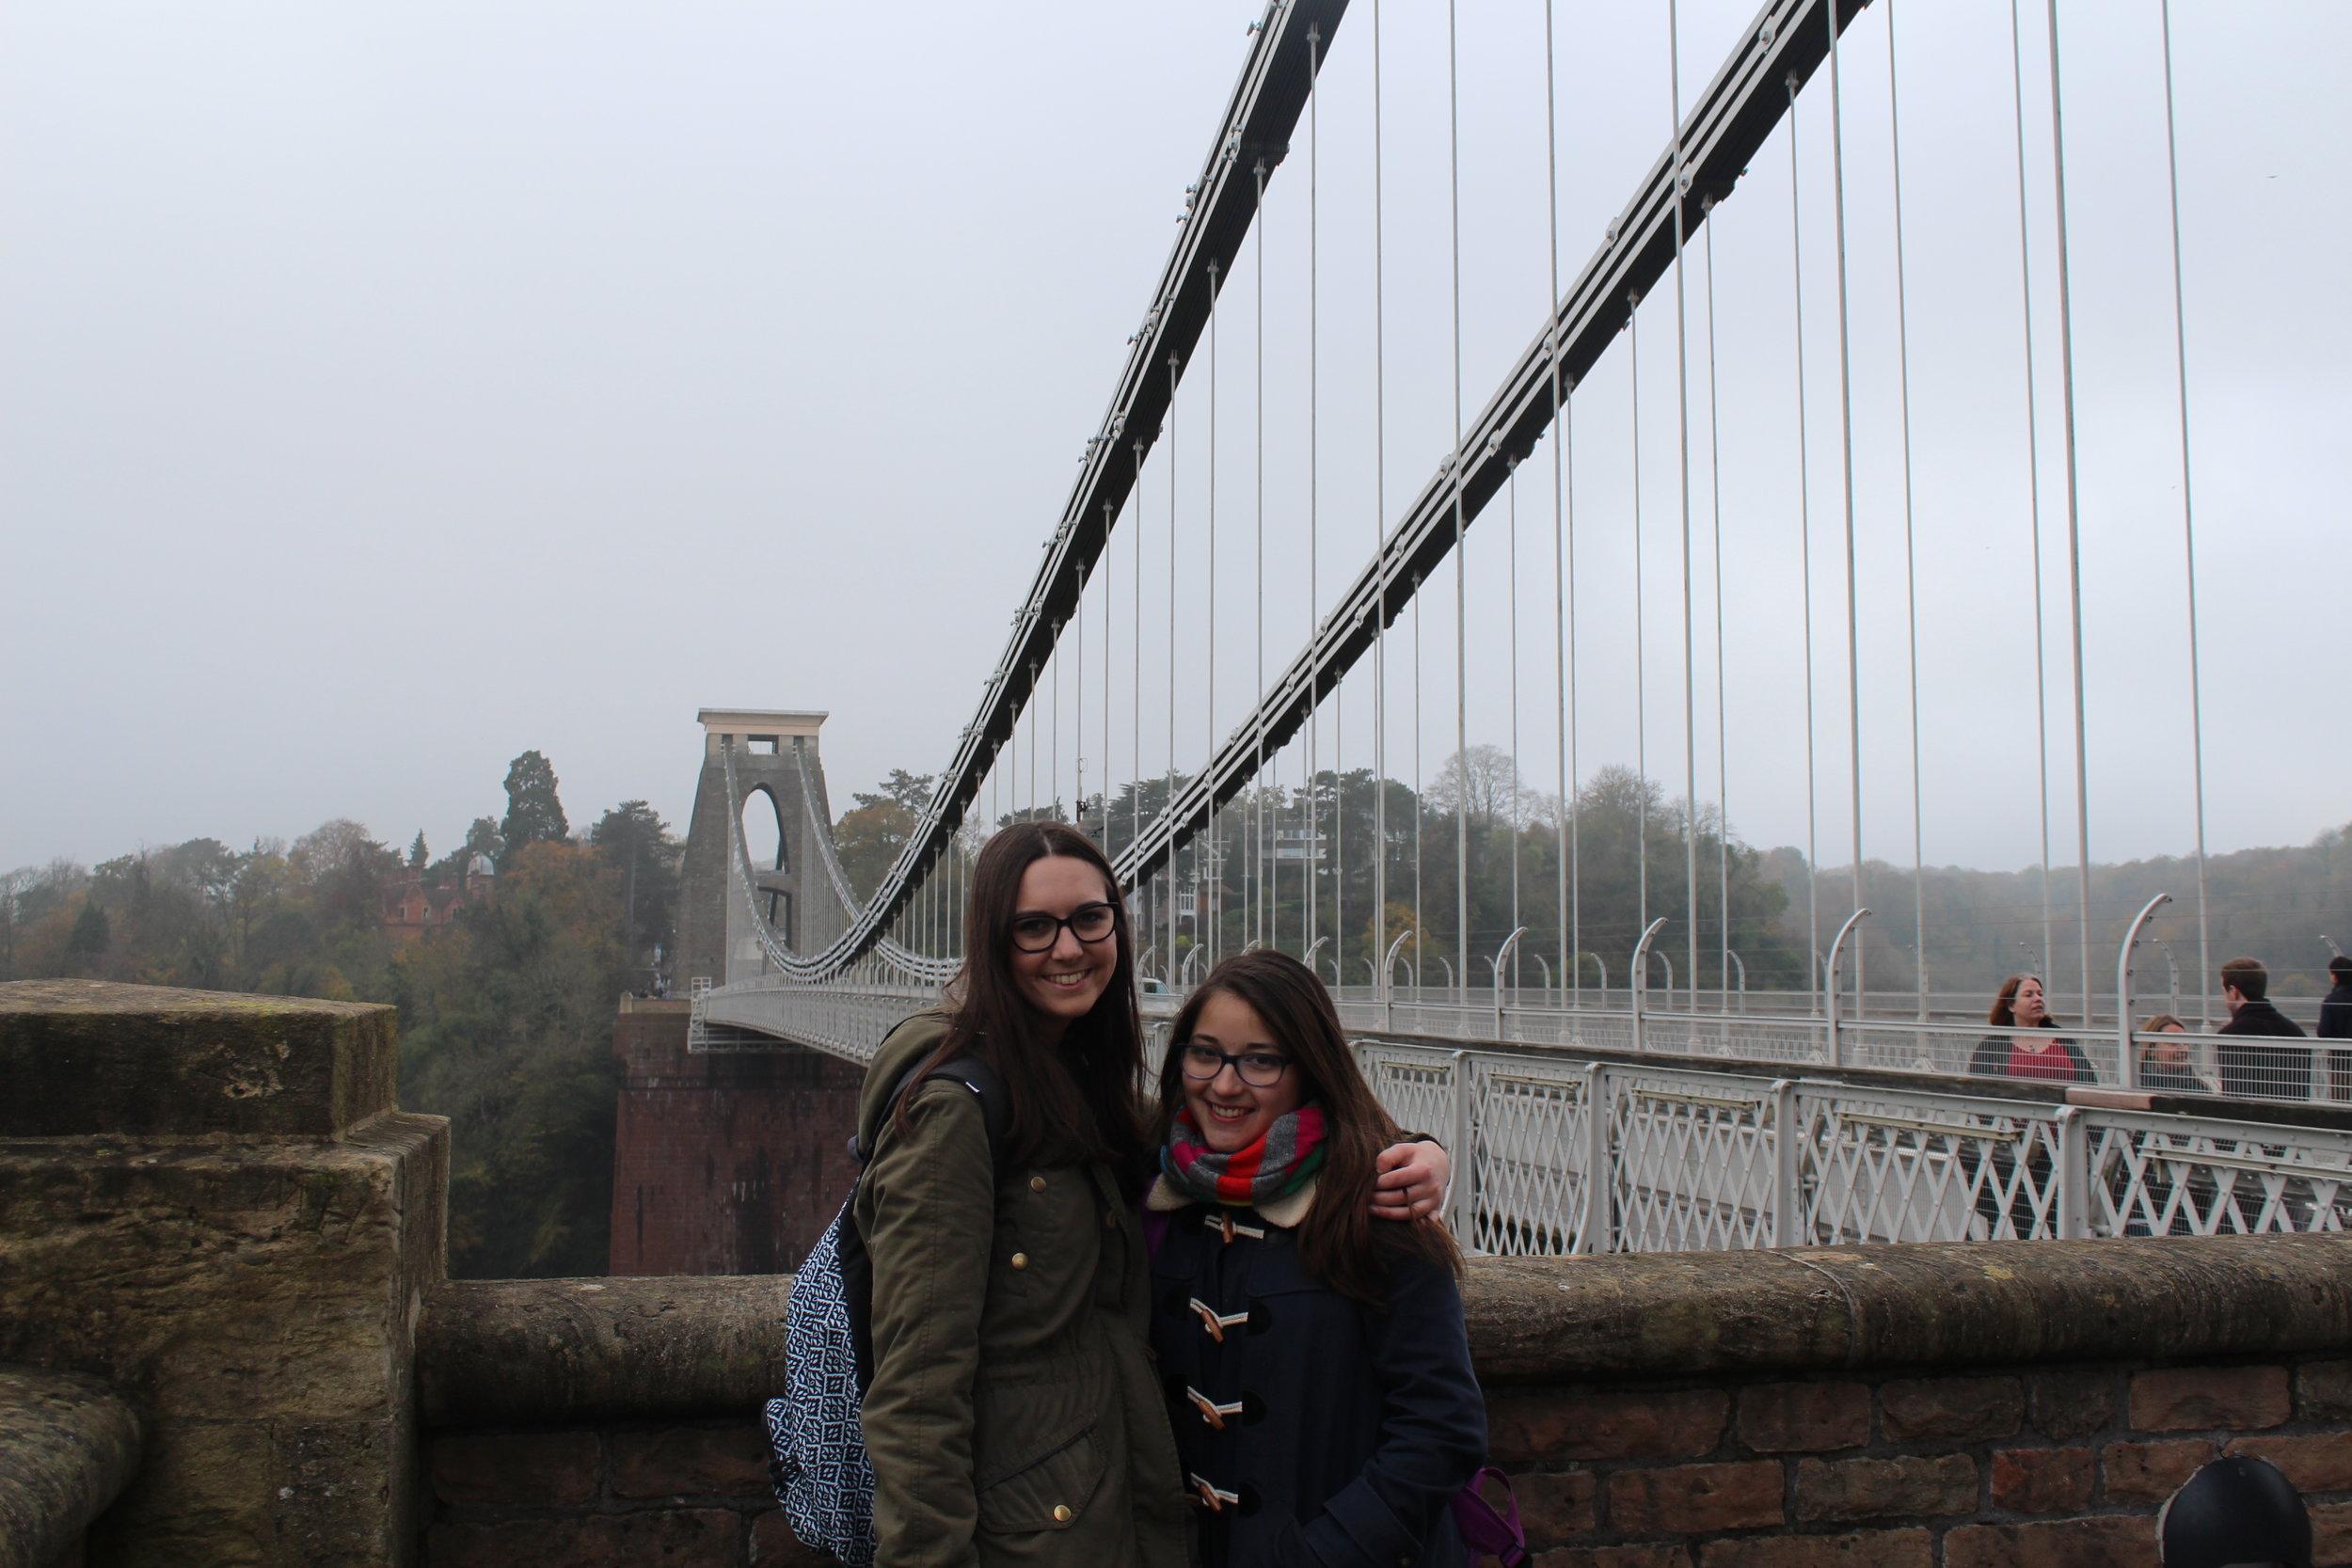 Isa and I outside the Suspension Bridge #TouristShot